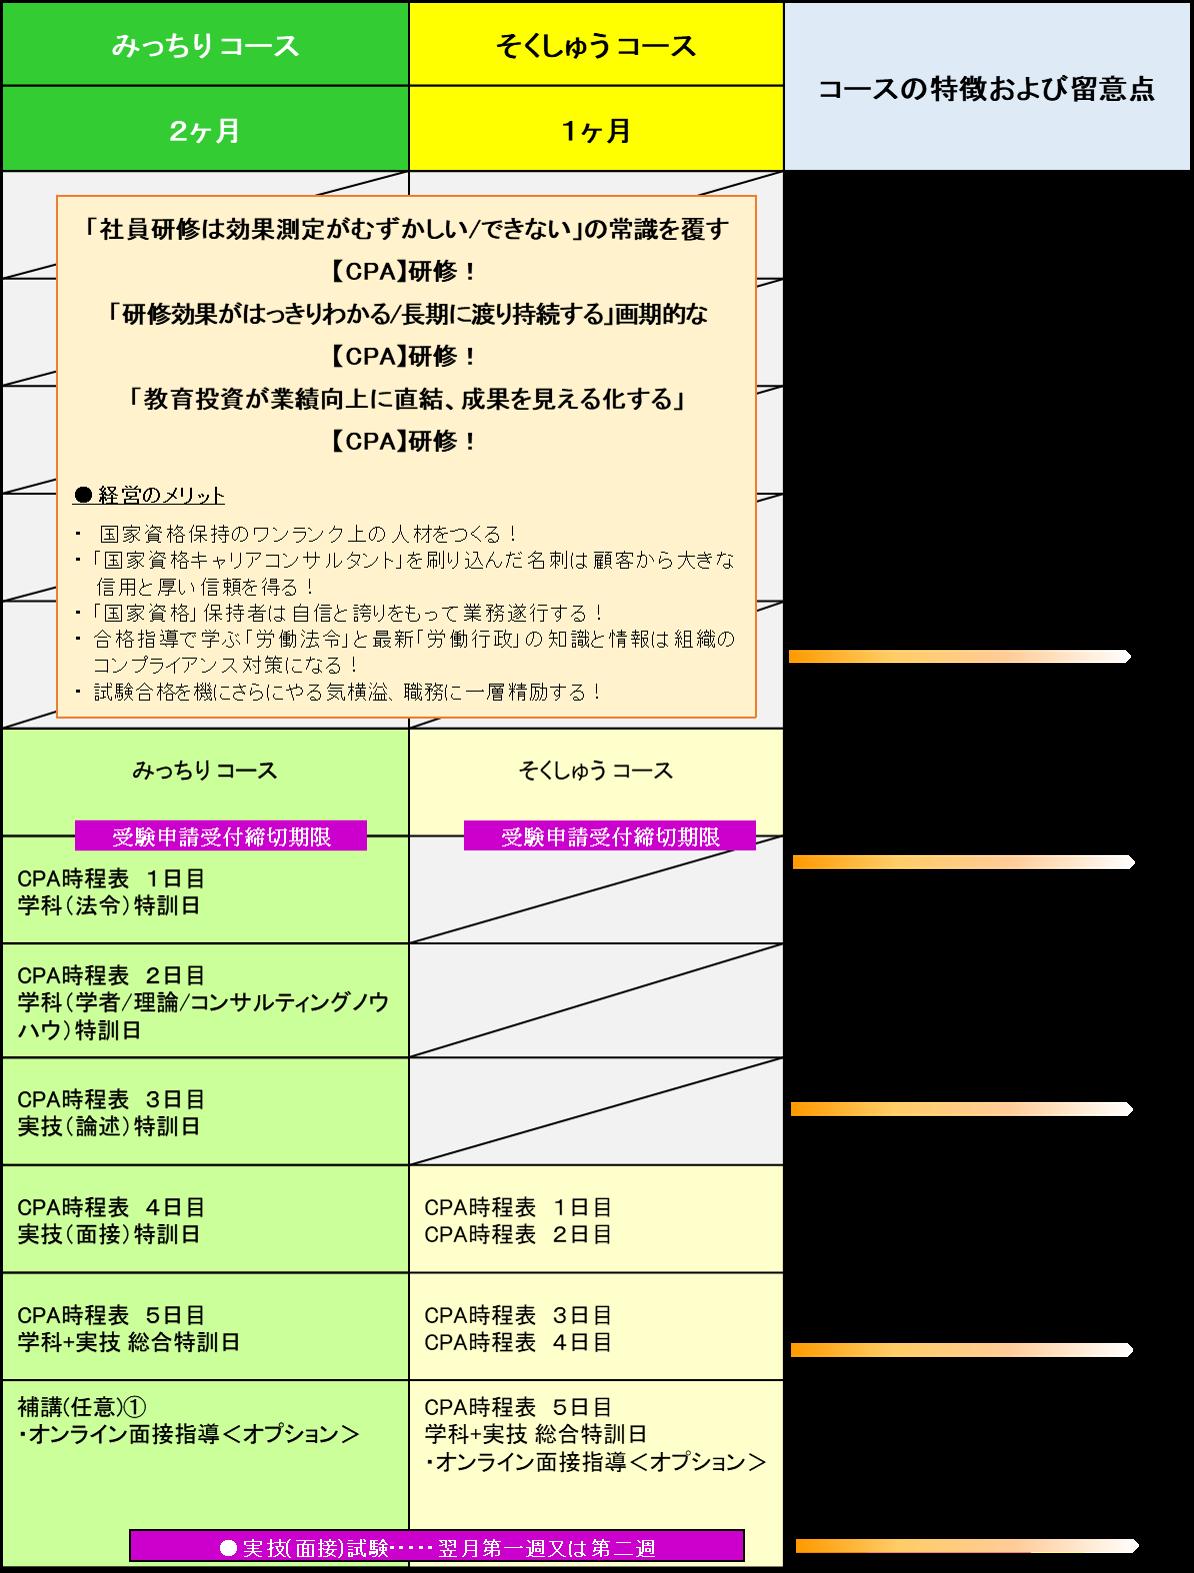 国家資格CC5日間特訓講座 みっちり/そくしゅうコース 日程表見本